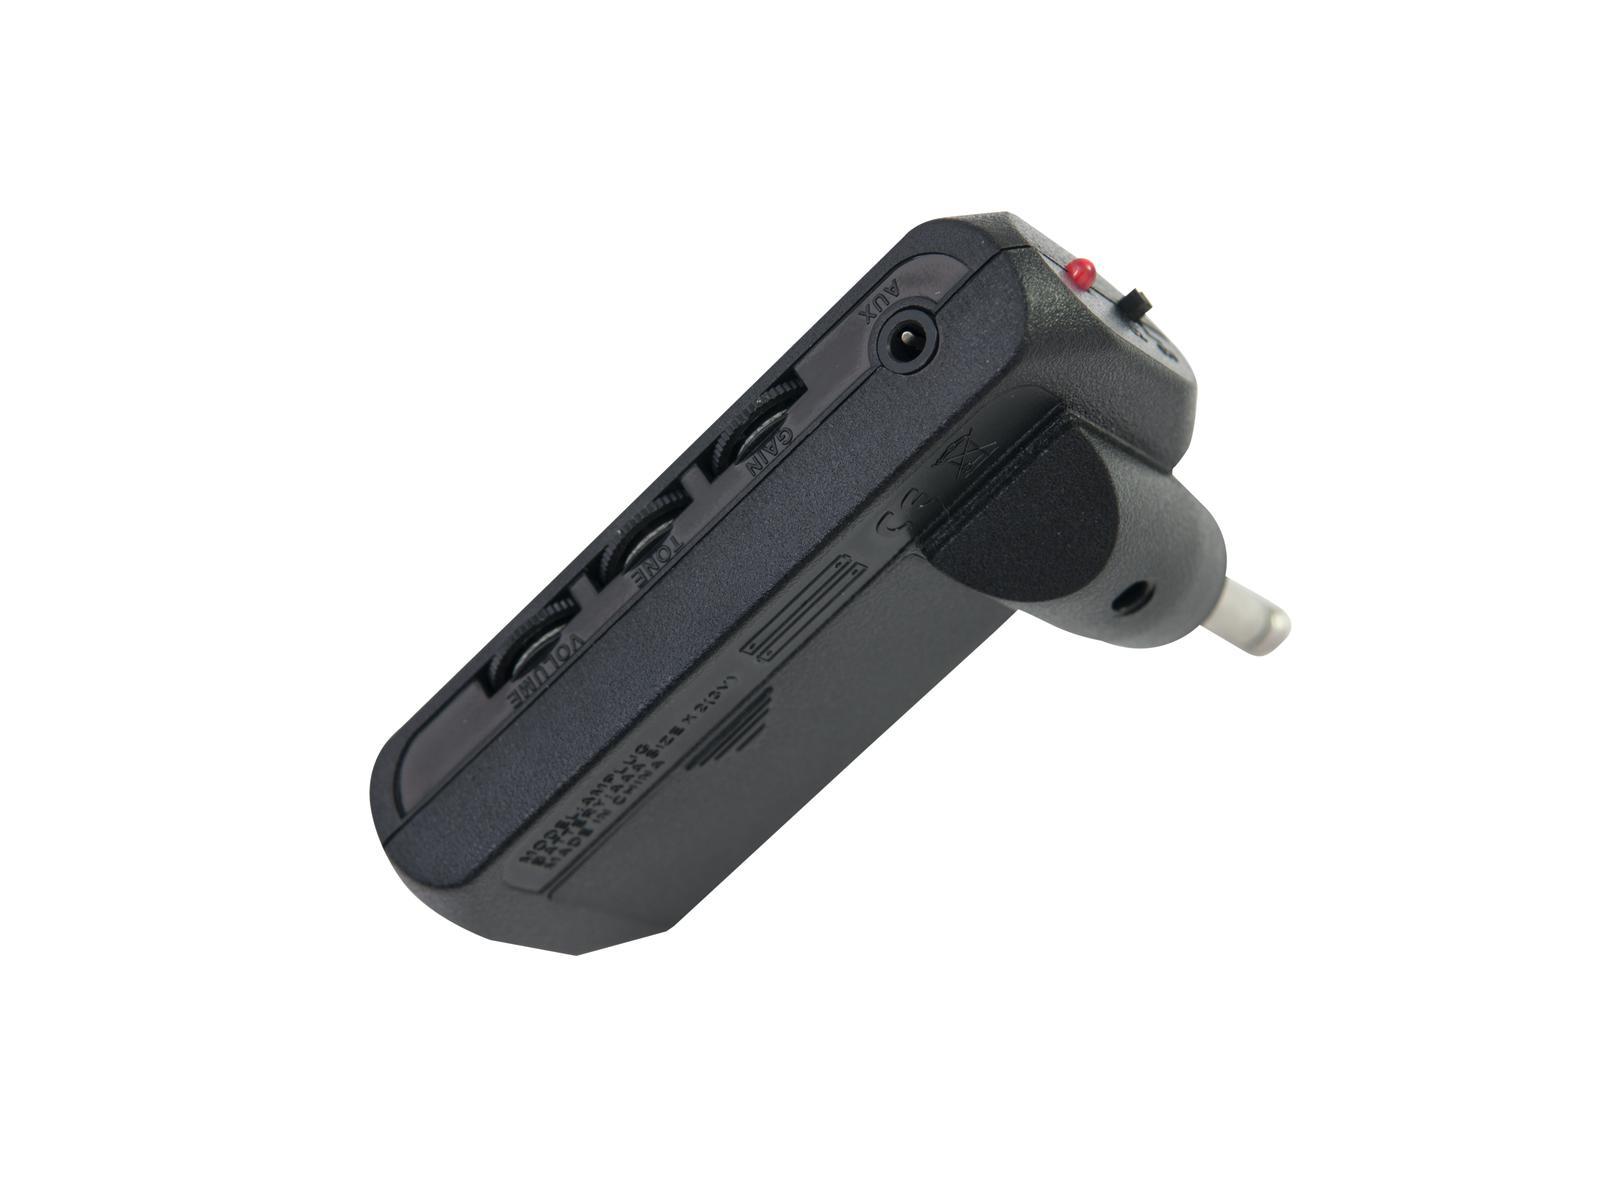 Mini amplificatore per cuffia per chitarre con distorsore MP3 DIMAVERY